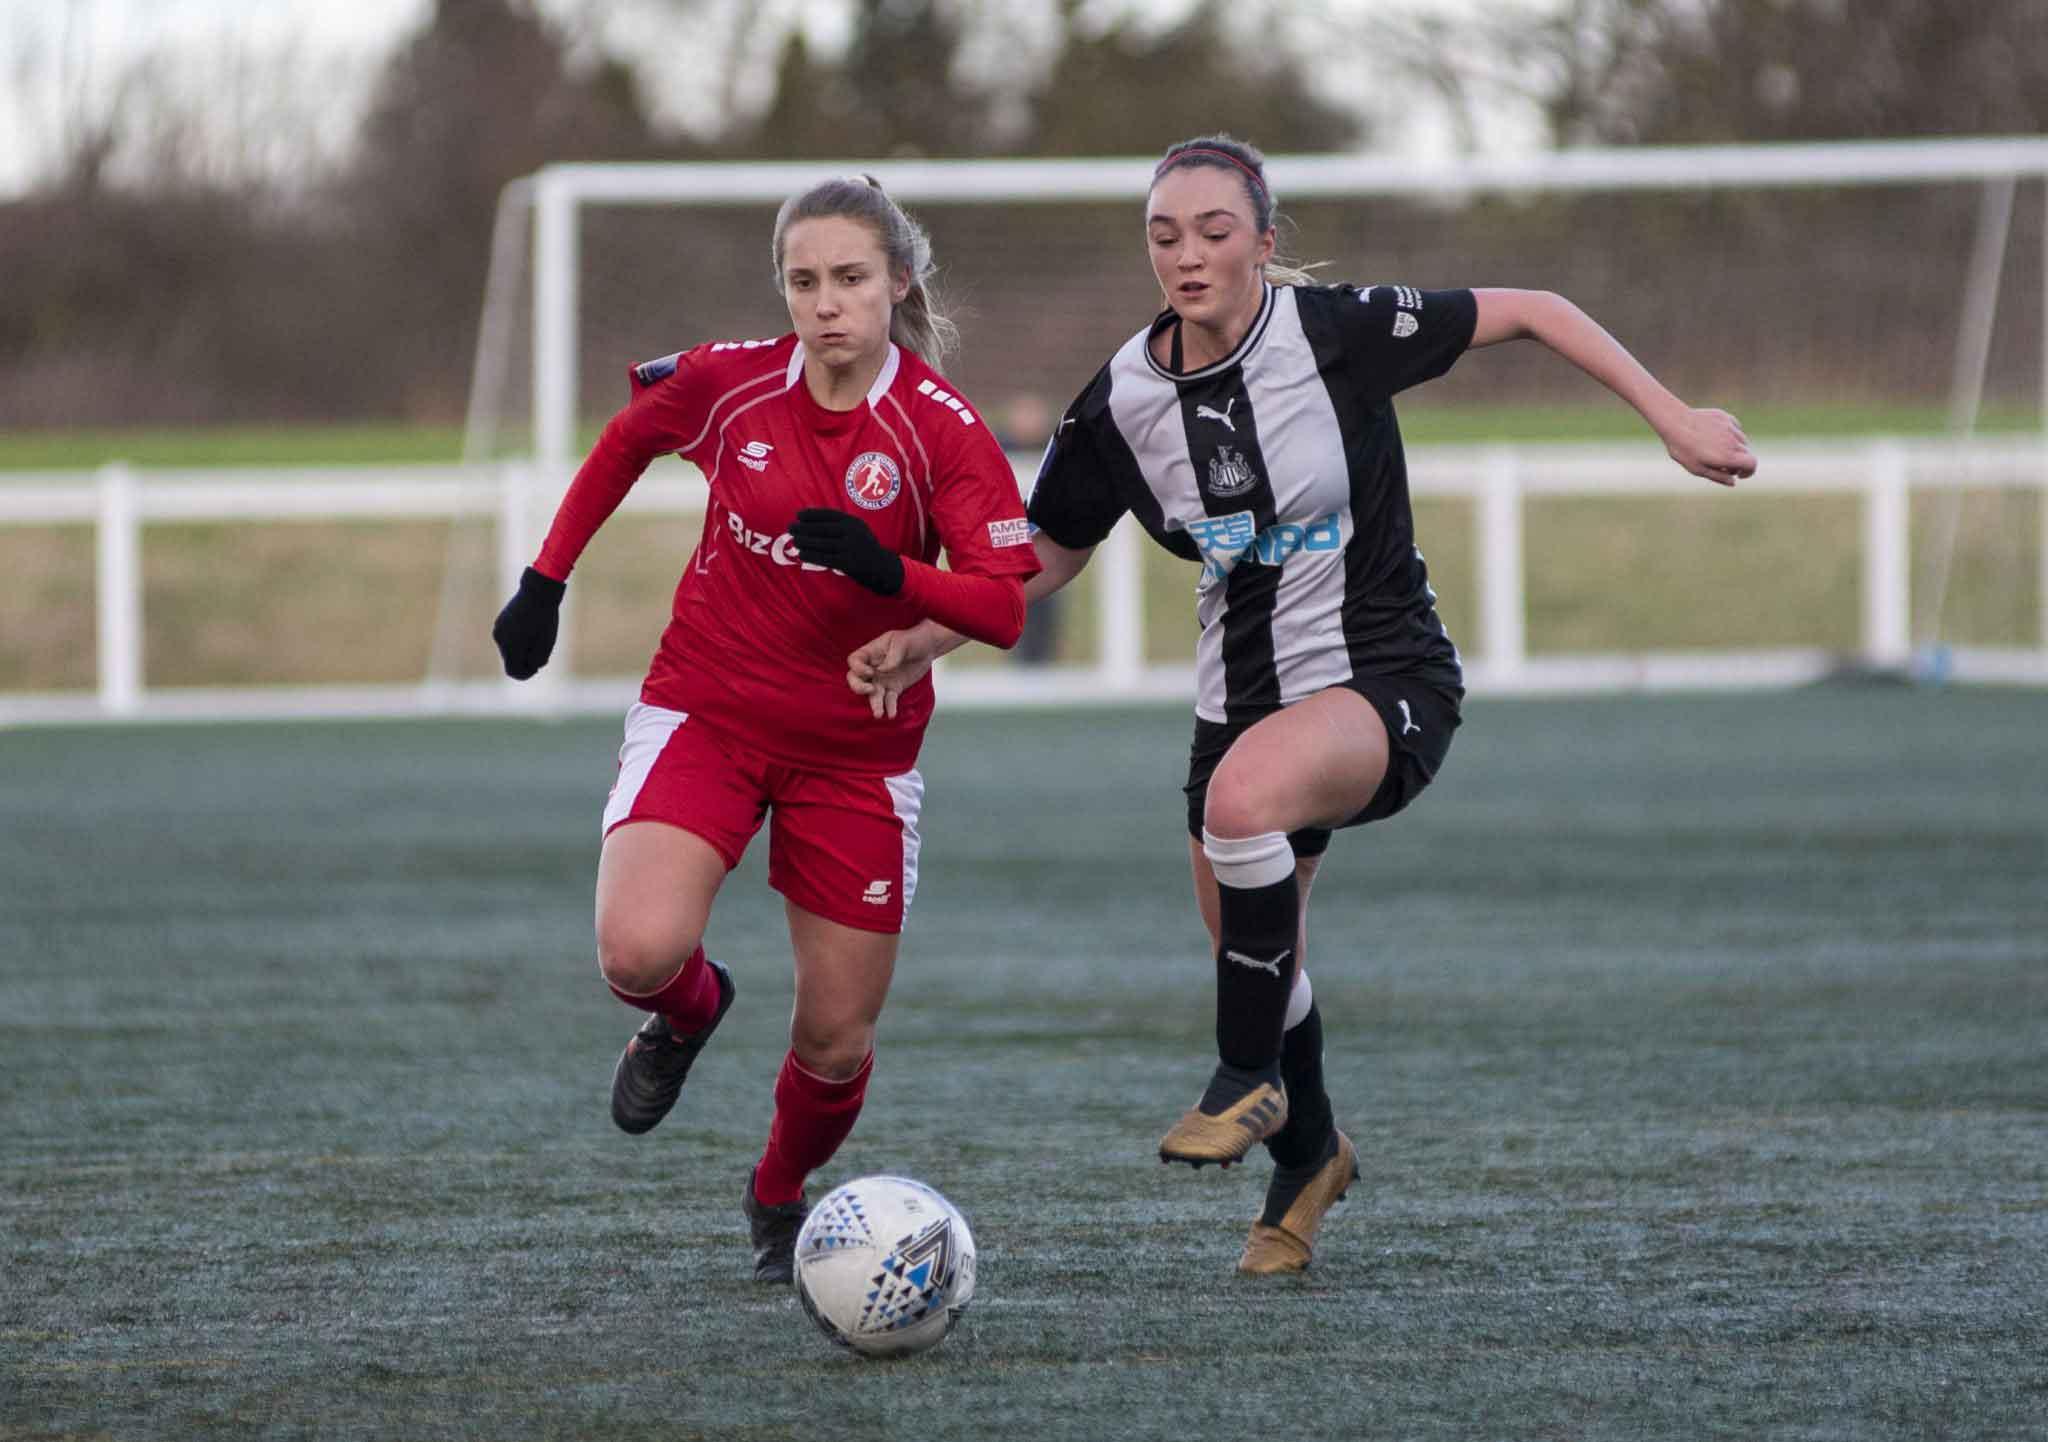 Barnsley won 4-0 at Newcastle United